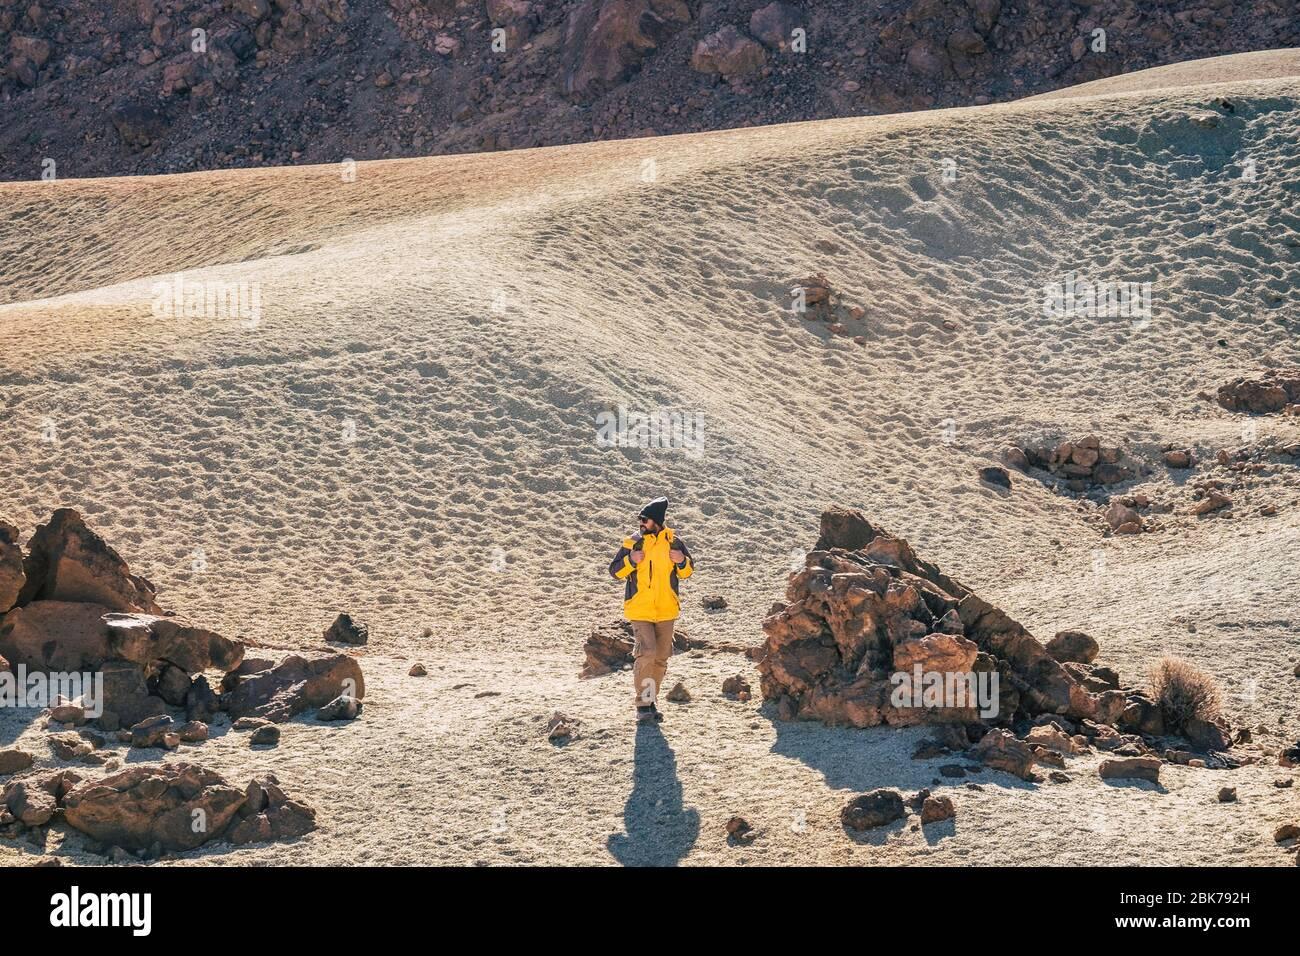 Senderismo salvaje actividad al aire libre en la montaña y desierto paisaje escénico - caucásico profesional aventurero hombre caminar y descubrir hermosos lugares - Foto de stock